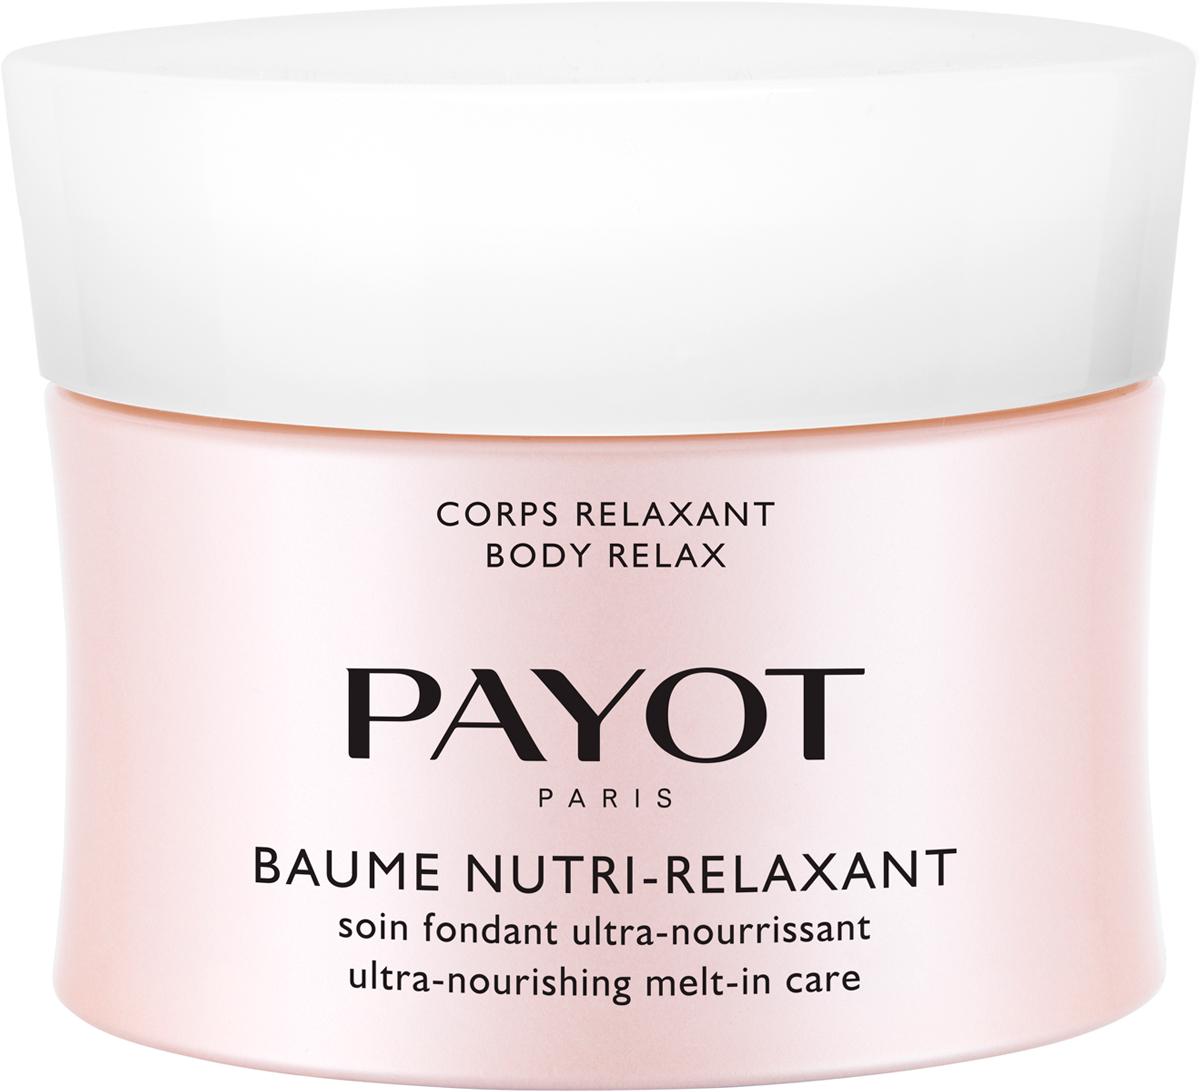 Payot Corps Питательный бальзам для тела с экстрактами жасмина и белого чая, 200 мл кремовый скраб для тела 200 мл payot 8 марта женщинам